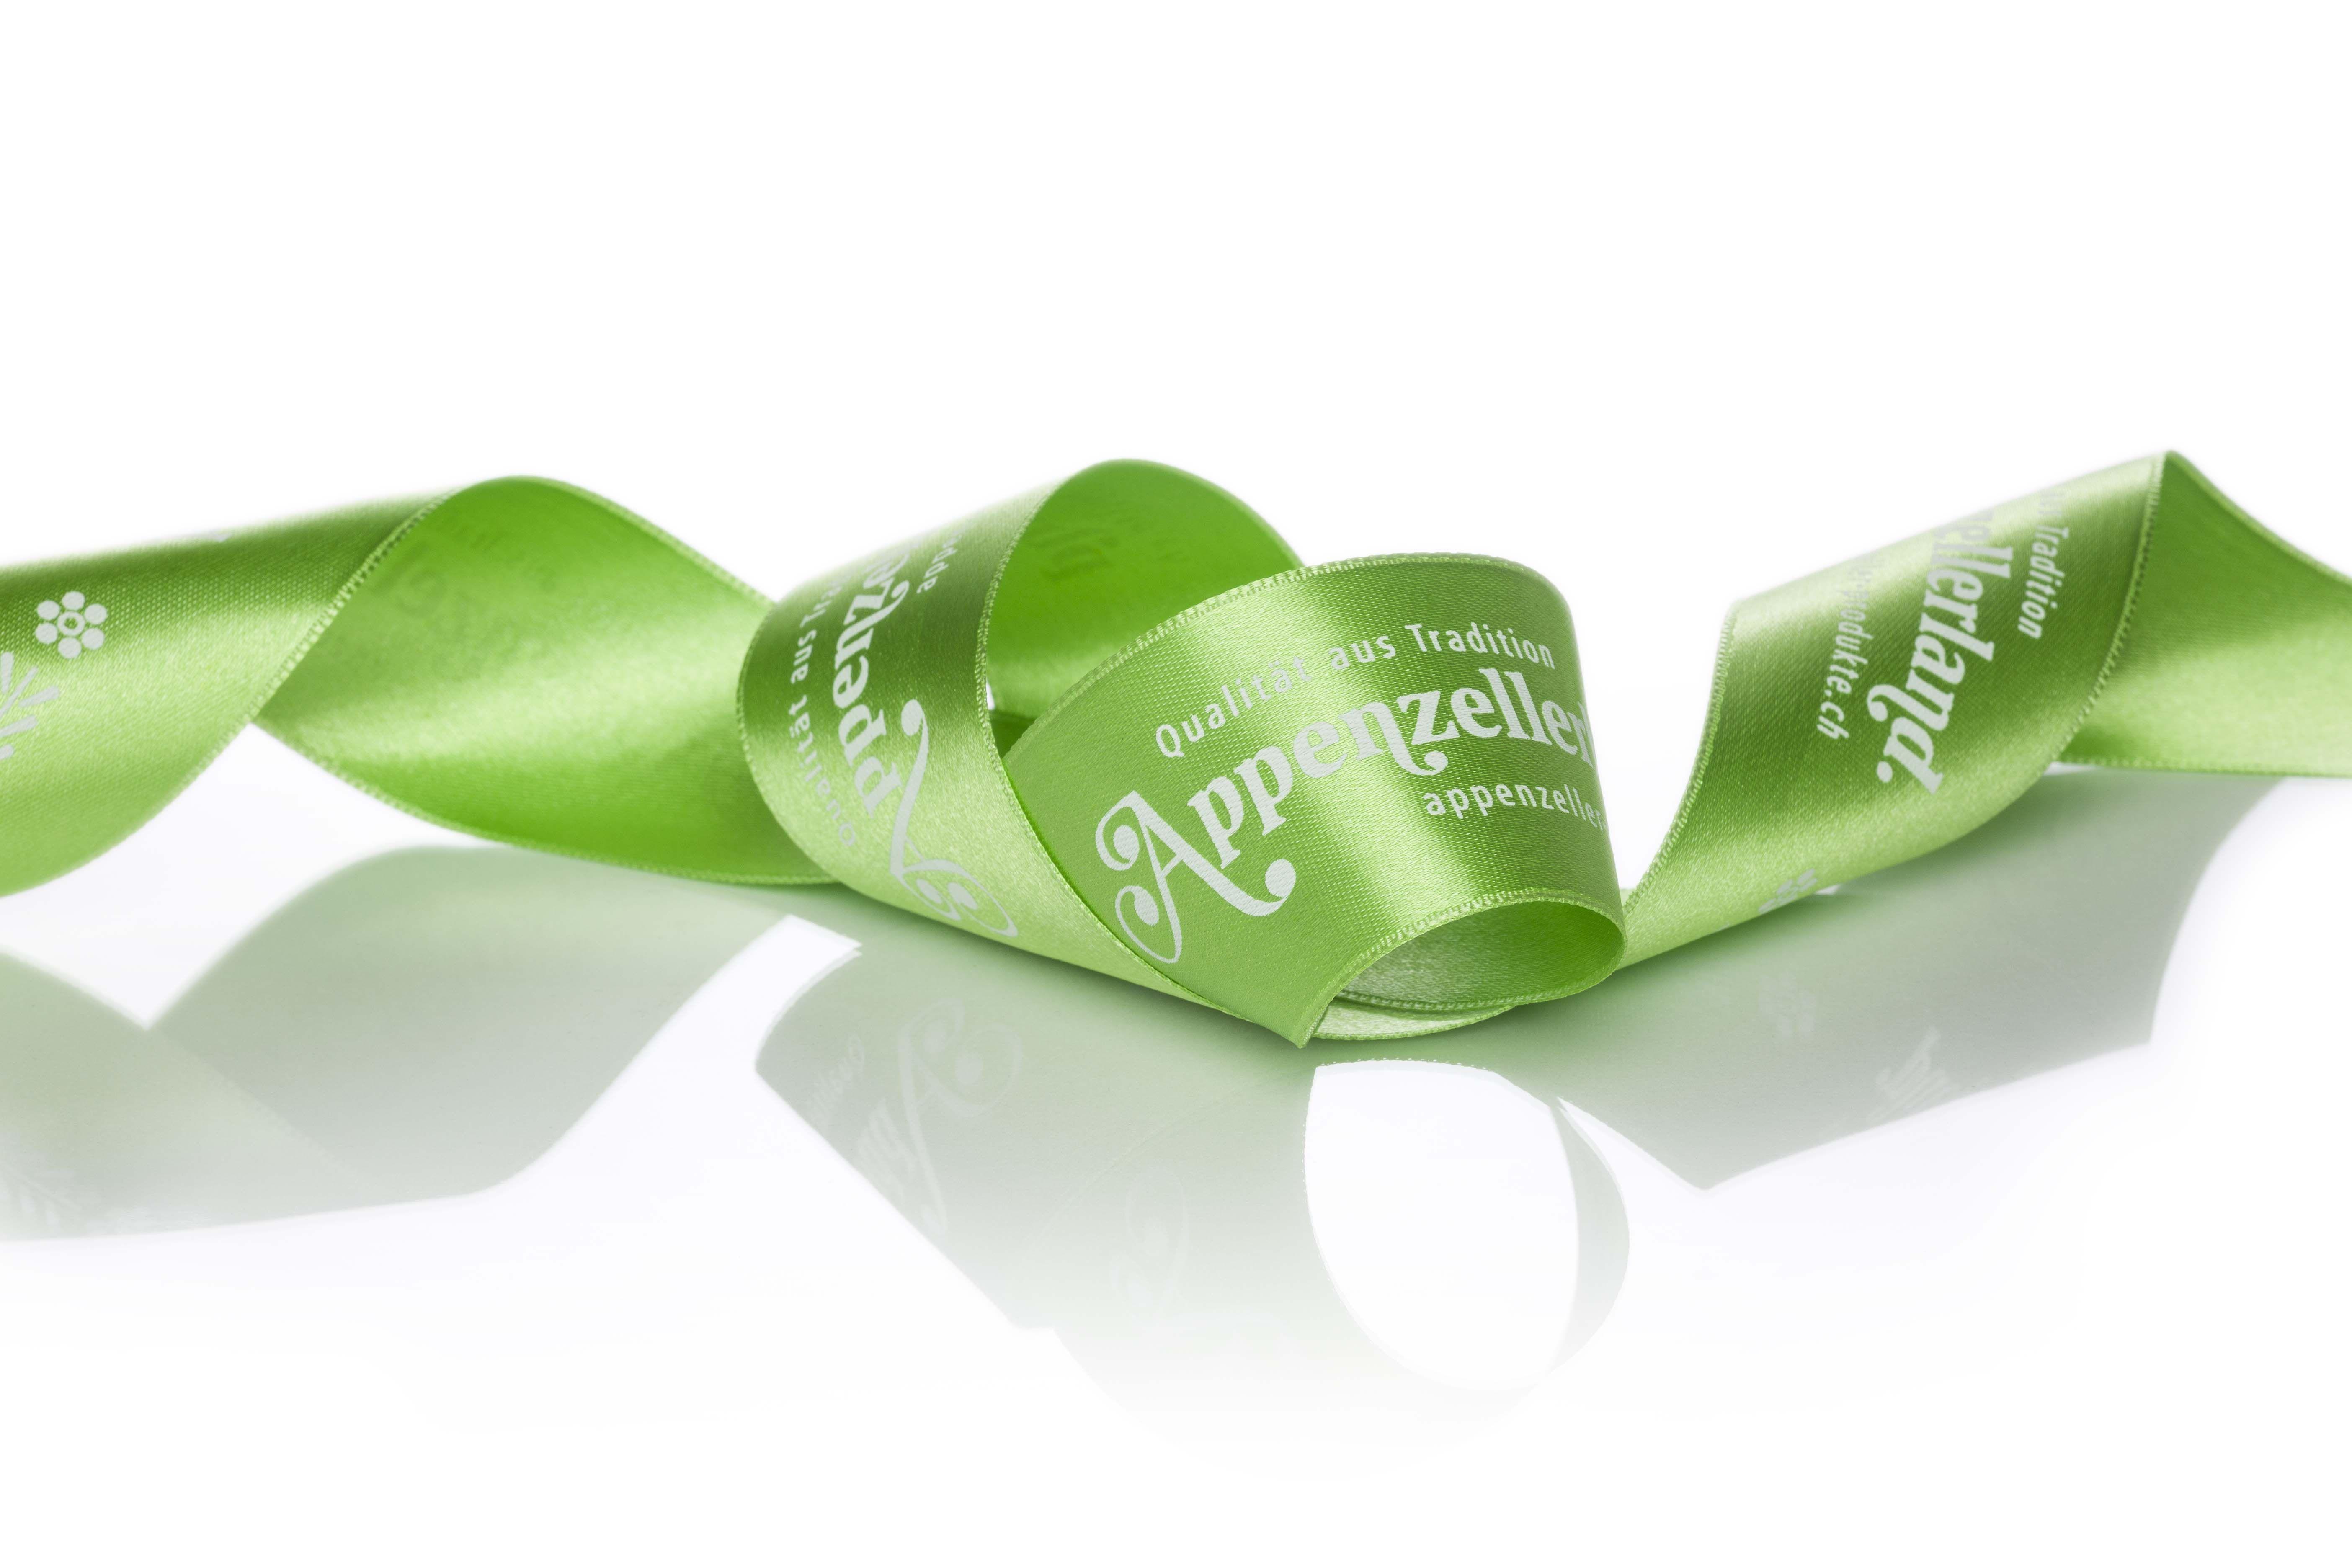 apfelgrünes Geschenkband mit erfrischender Markenbotschaft #appenzellerland #ferien #tourismus #geschenkbänder #botschaft #marketing #imageribbons #createam #freiburg